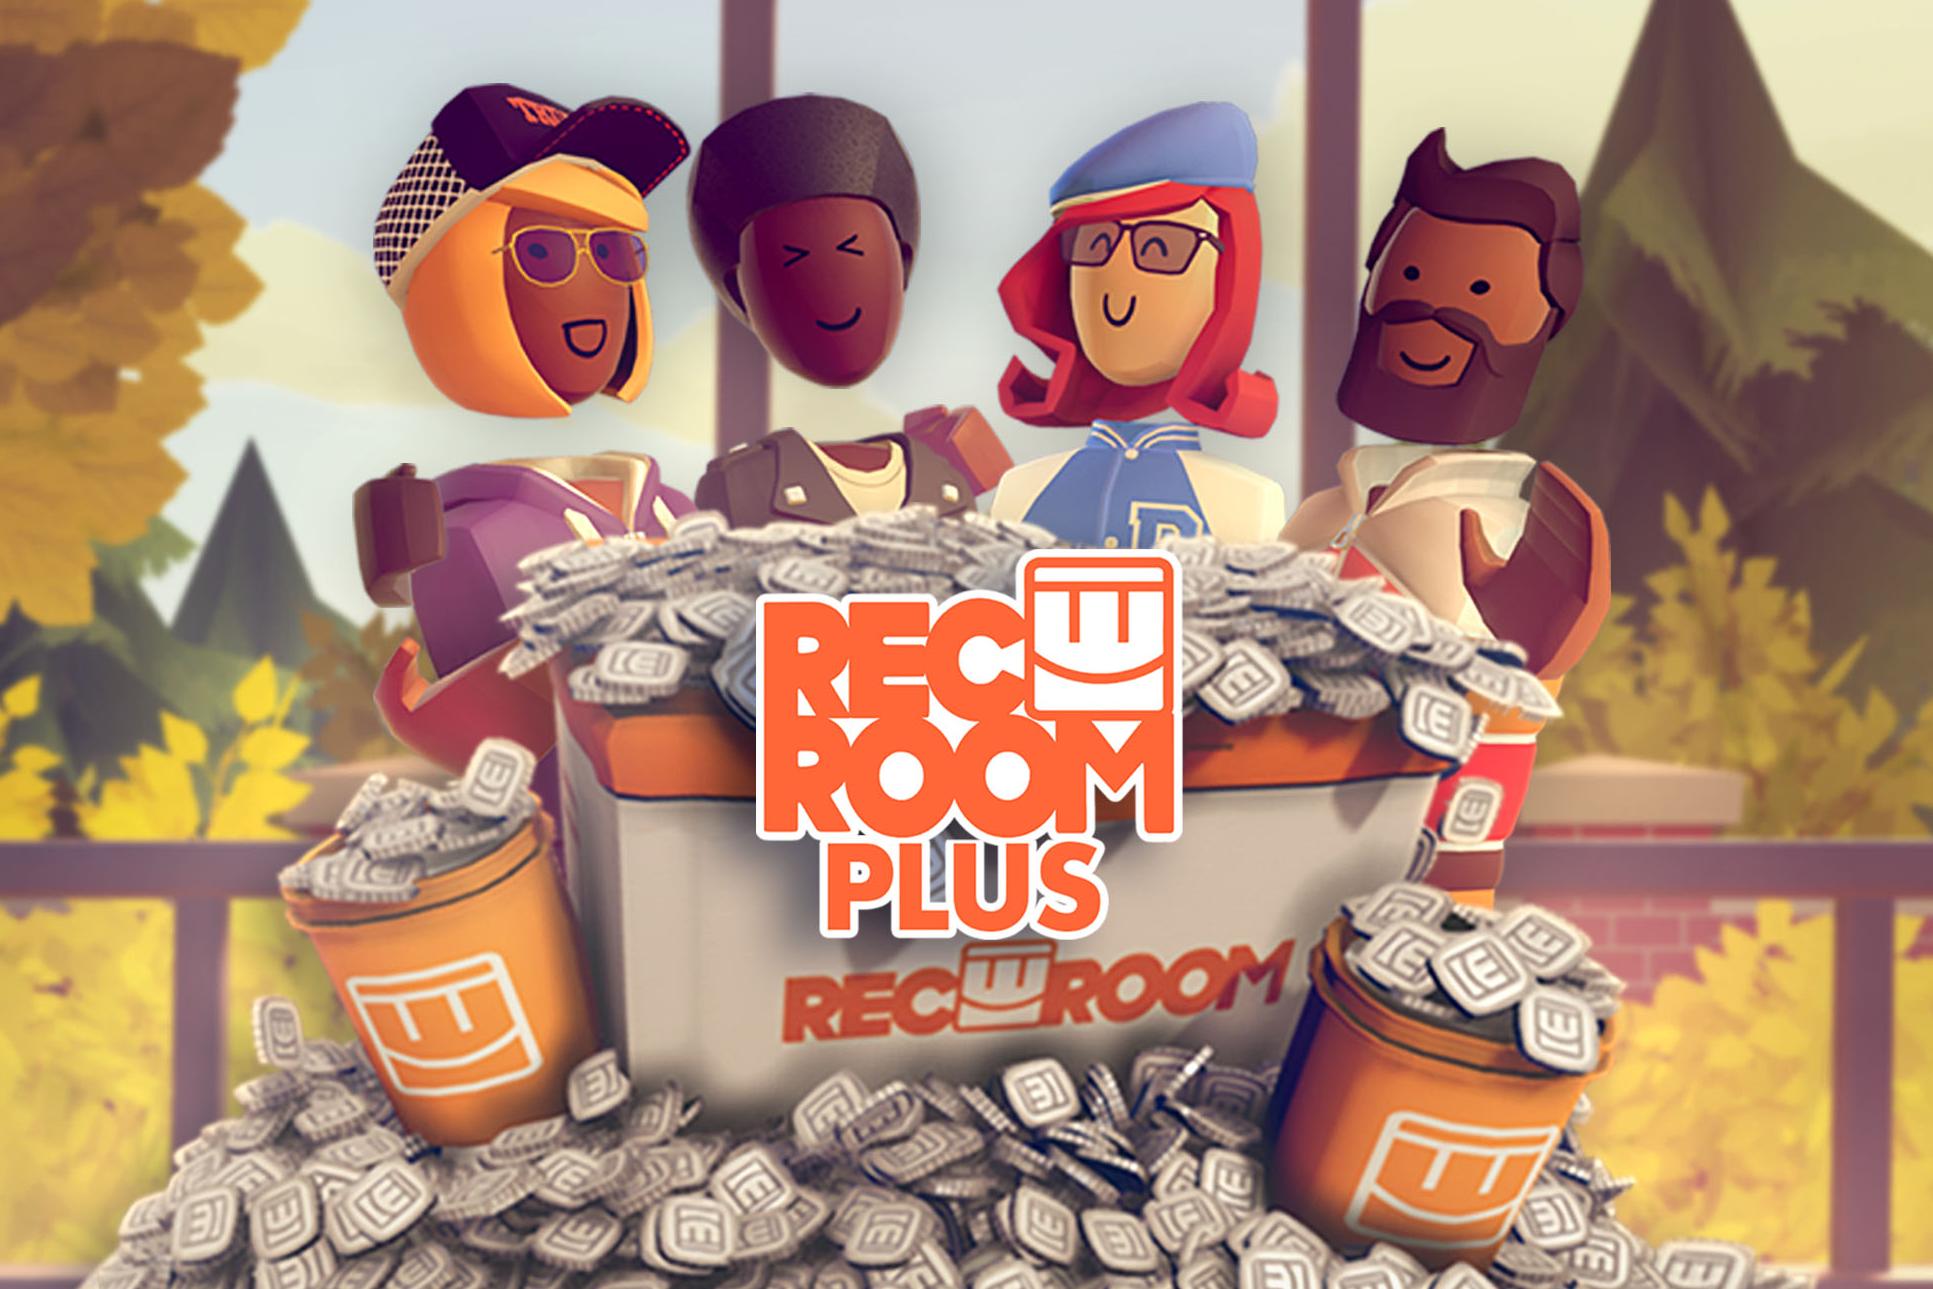 Rec Room Plus